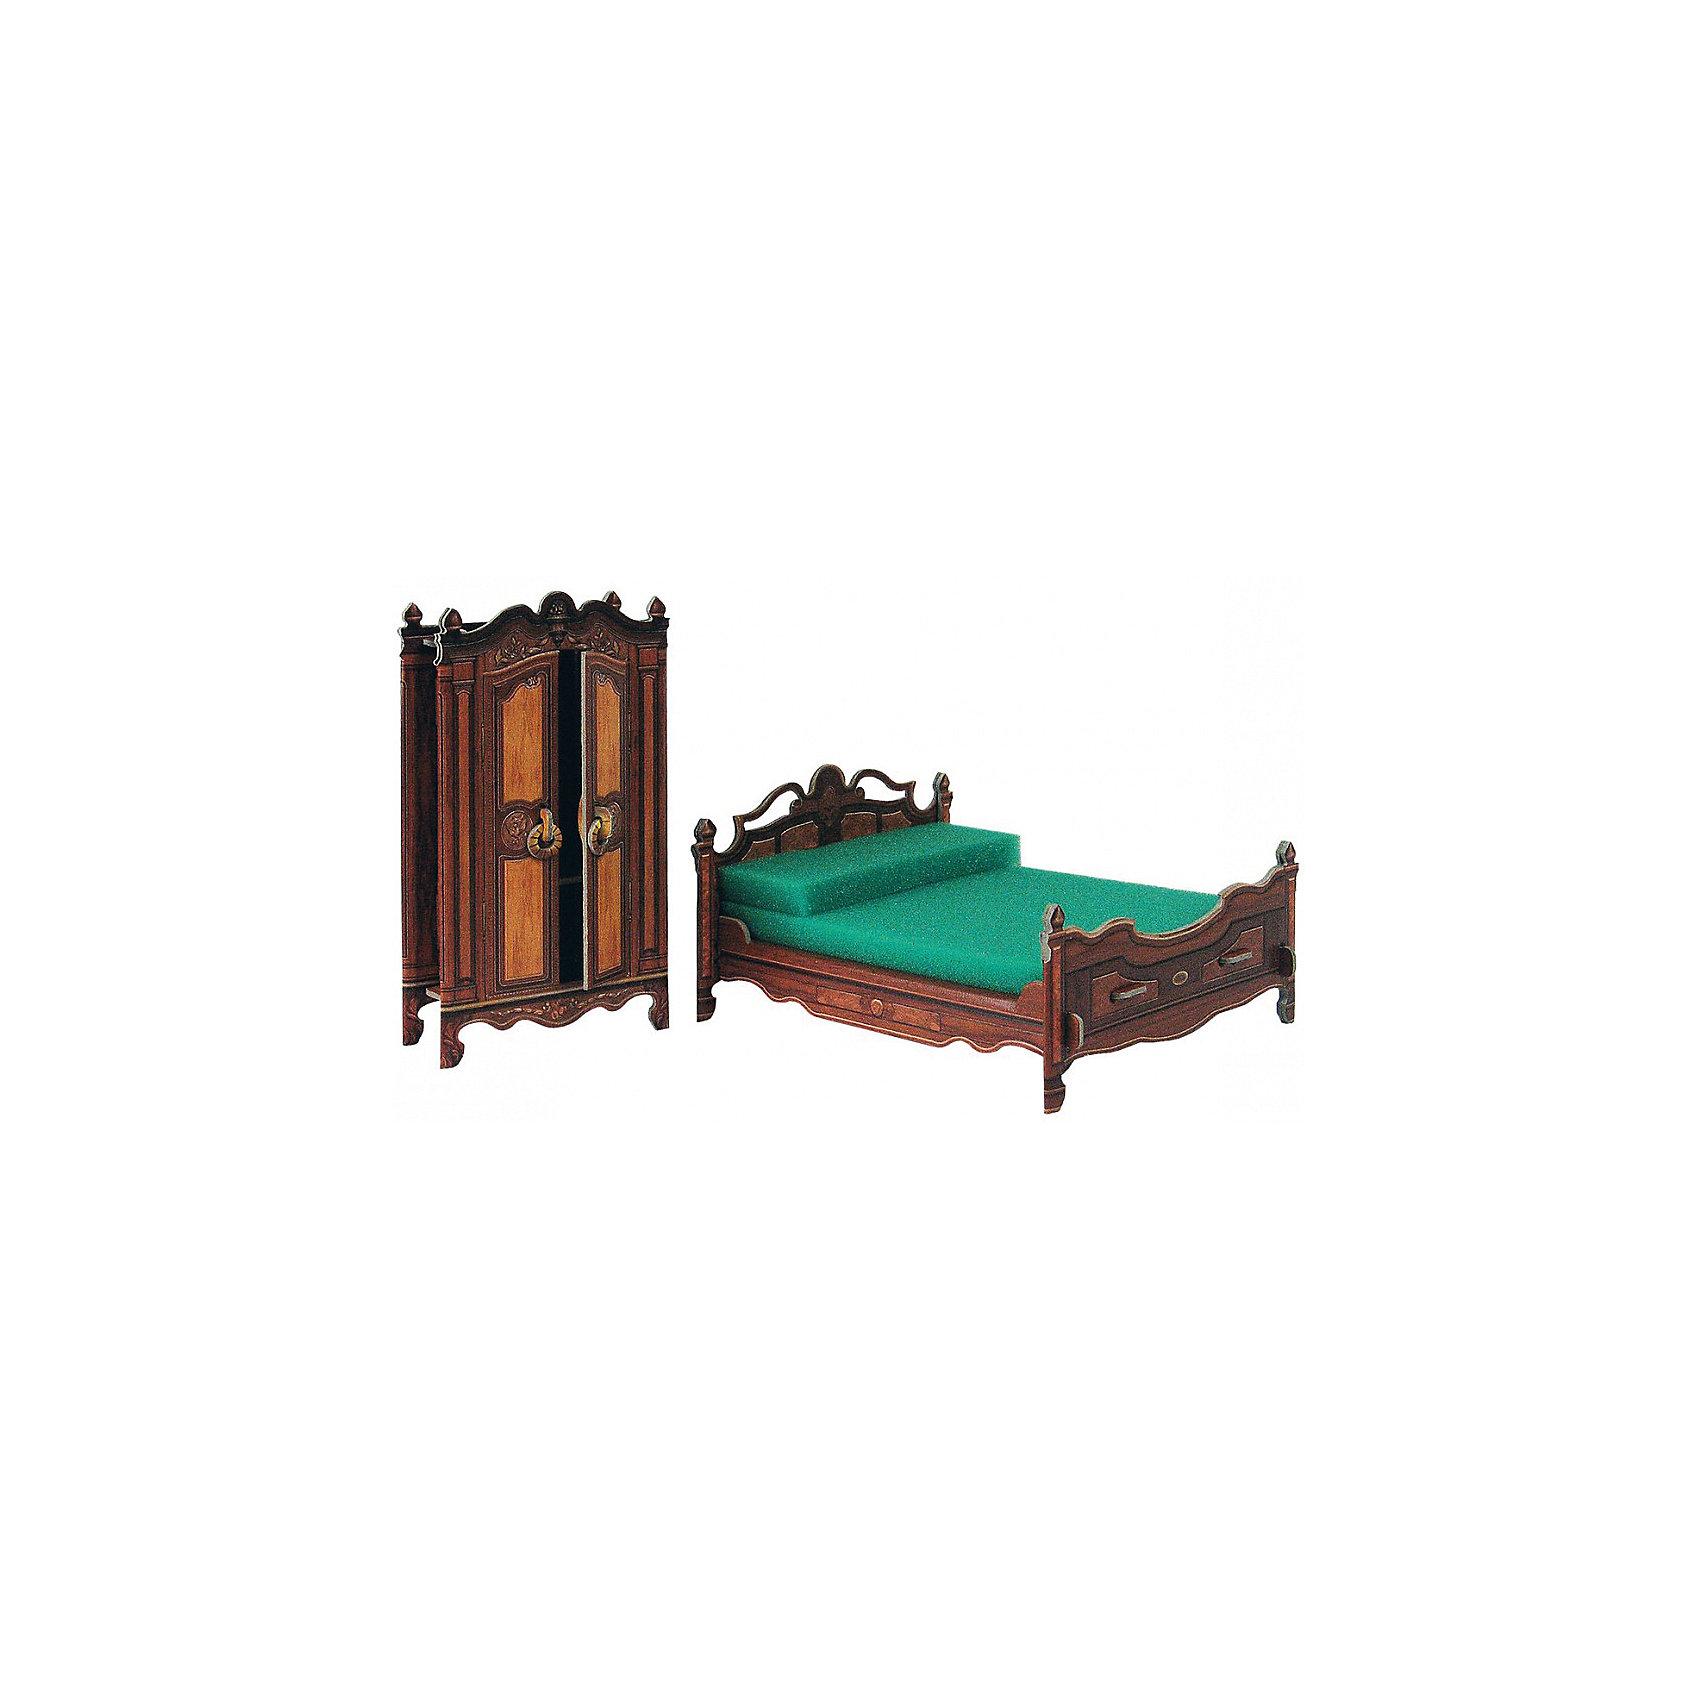 Сборная модель СпальняБумажные модели<br>Спальня - Сюжетный игровой набор из плотного картона. Серия: Кукольный дом и мебель. Количество деталей, шт: 12. Размер в собранном виде, см: Кровать 11 х 7 х 14 Шкаф 7 х 13 х 3. Размер упаковки, мм.:  высота 264 ширина 180 глубина 19. Тип упаковки: Картонная коробка. Вес, гр.: 157. Возраст: от 7 лет. Все модели и игрушки, созданные по технологии УМНАЯ БУМАГА собираются без ножниц и клея, что является их неповторимой особенностью.<br>Принцип соединения деталей запатентован. Соединения деталей продуманы и просчитаны с такой точностью, что при правильной сборке с моделью можно играть, как с обычной игрушкой.<br><br>Ширина мм: 180<br>Глубина мм: 19<br>Высота мм: 264<br>Вес г: 157<br>Возраст от месяцев: 36<br>Возраст до месяцев: 2147483647<br>Пол: Унисекс<br>Возраст: Детский<br>SKU: 4807476